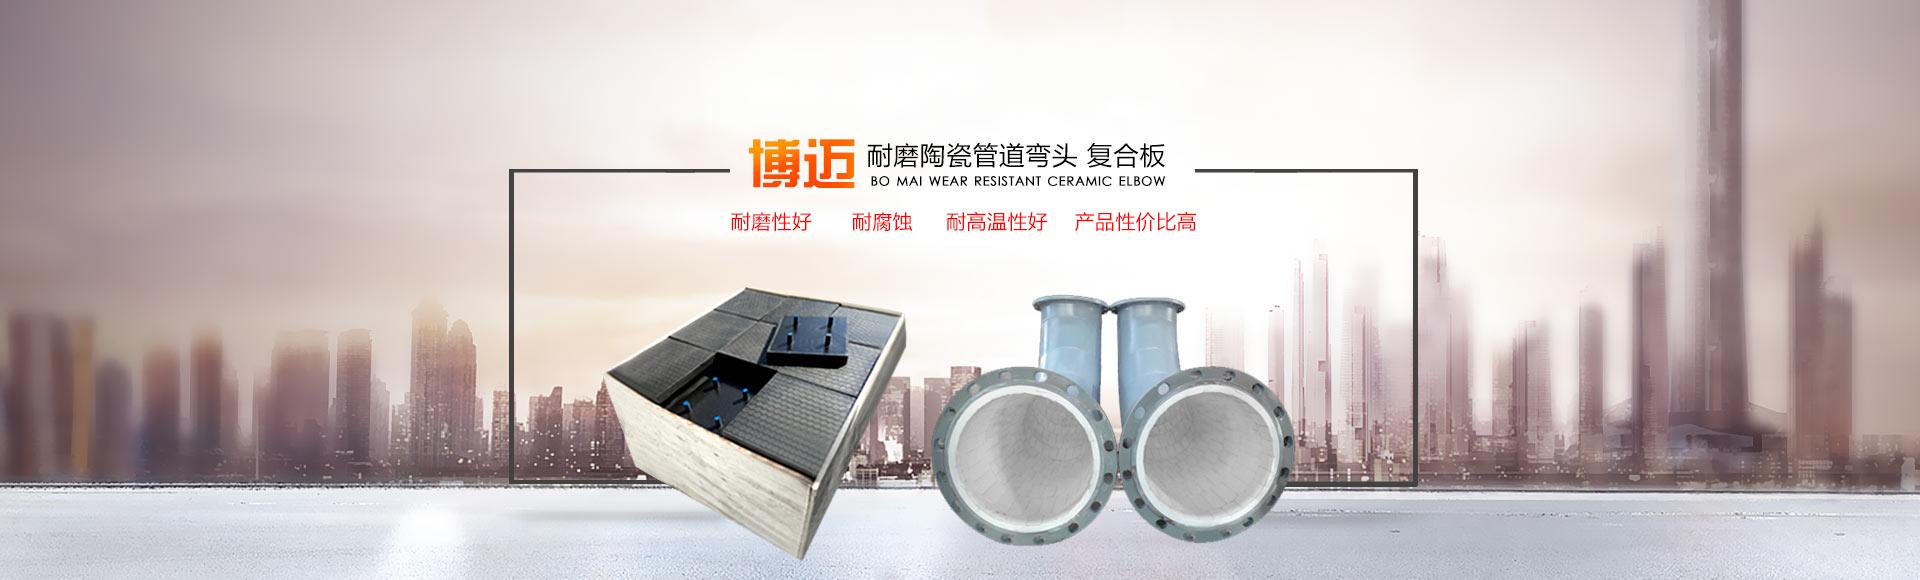 淄博博迈陶瓷材料有限公司